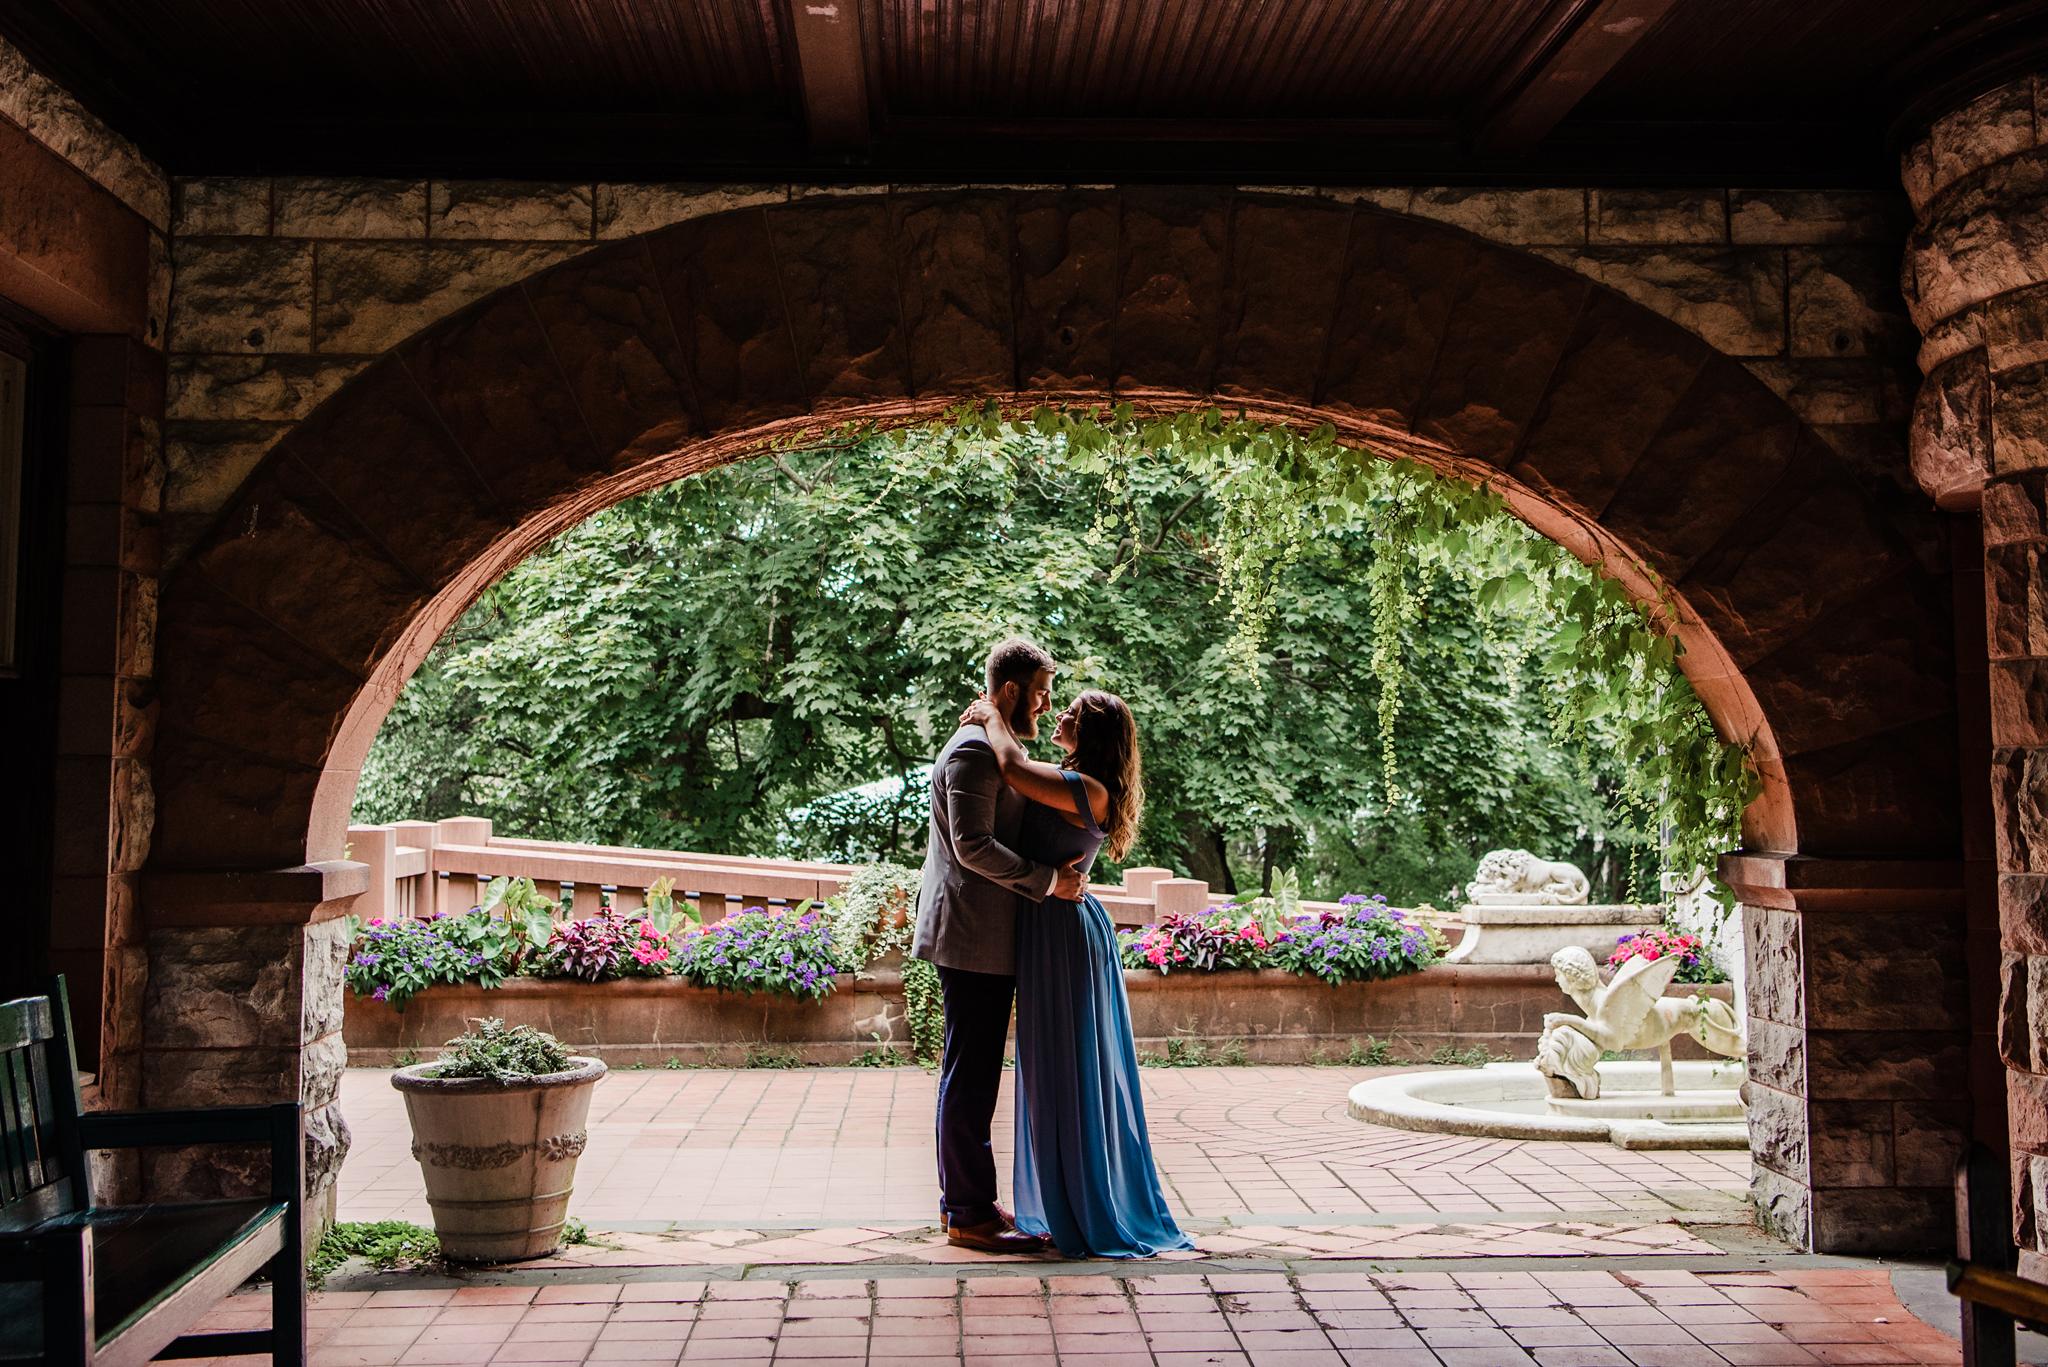 Sonnenberg_Gardens_Finger_Lakes_Engagement_Session_JILL_STUDIO_Rochester_NY_Photographer_DSC_1505.jpg